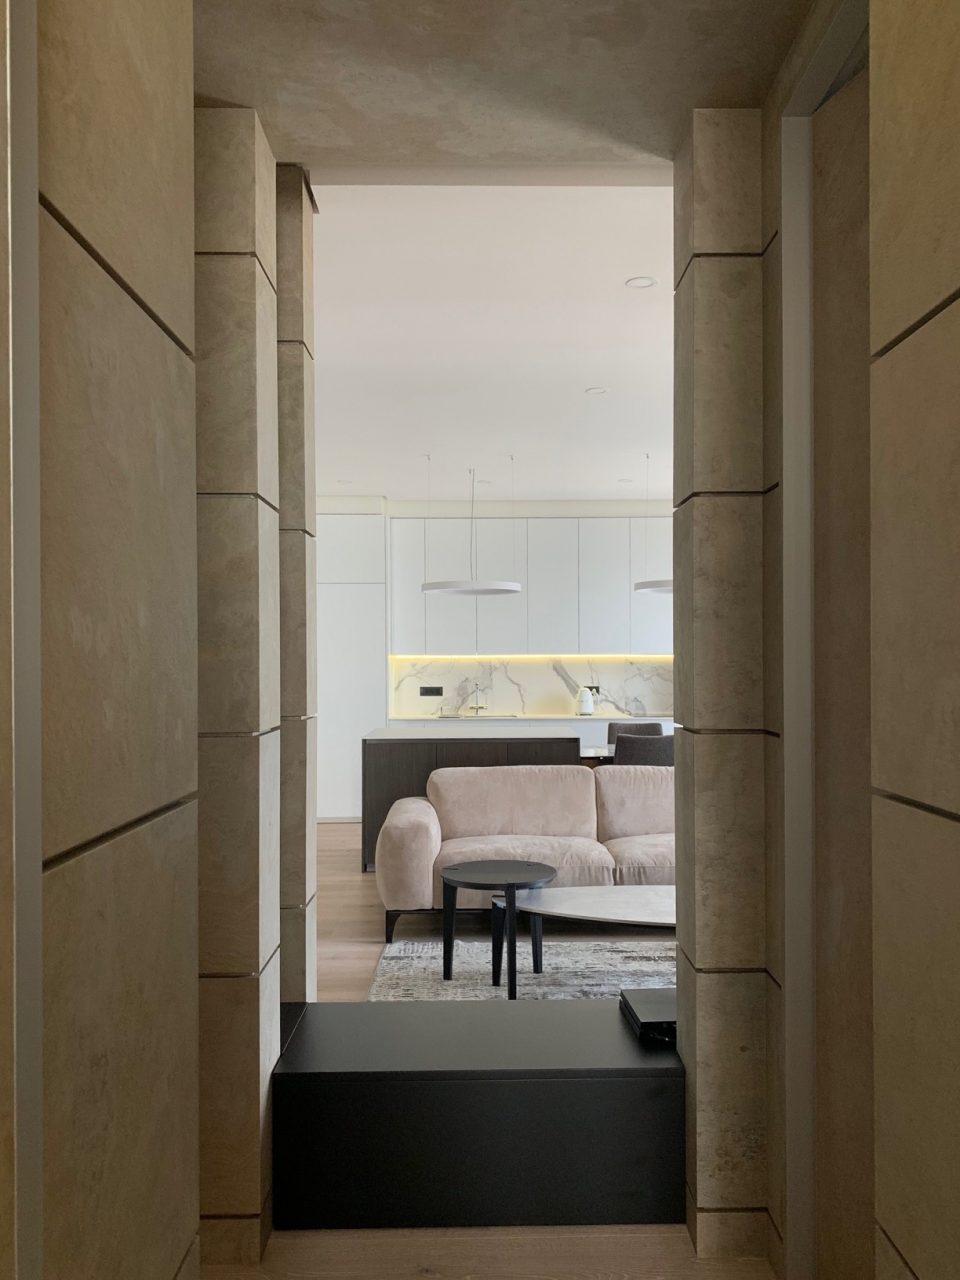 Feuille de pierre 100% naturelle StoneLeaf modèle Ankara sur les murs d'un appartement